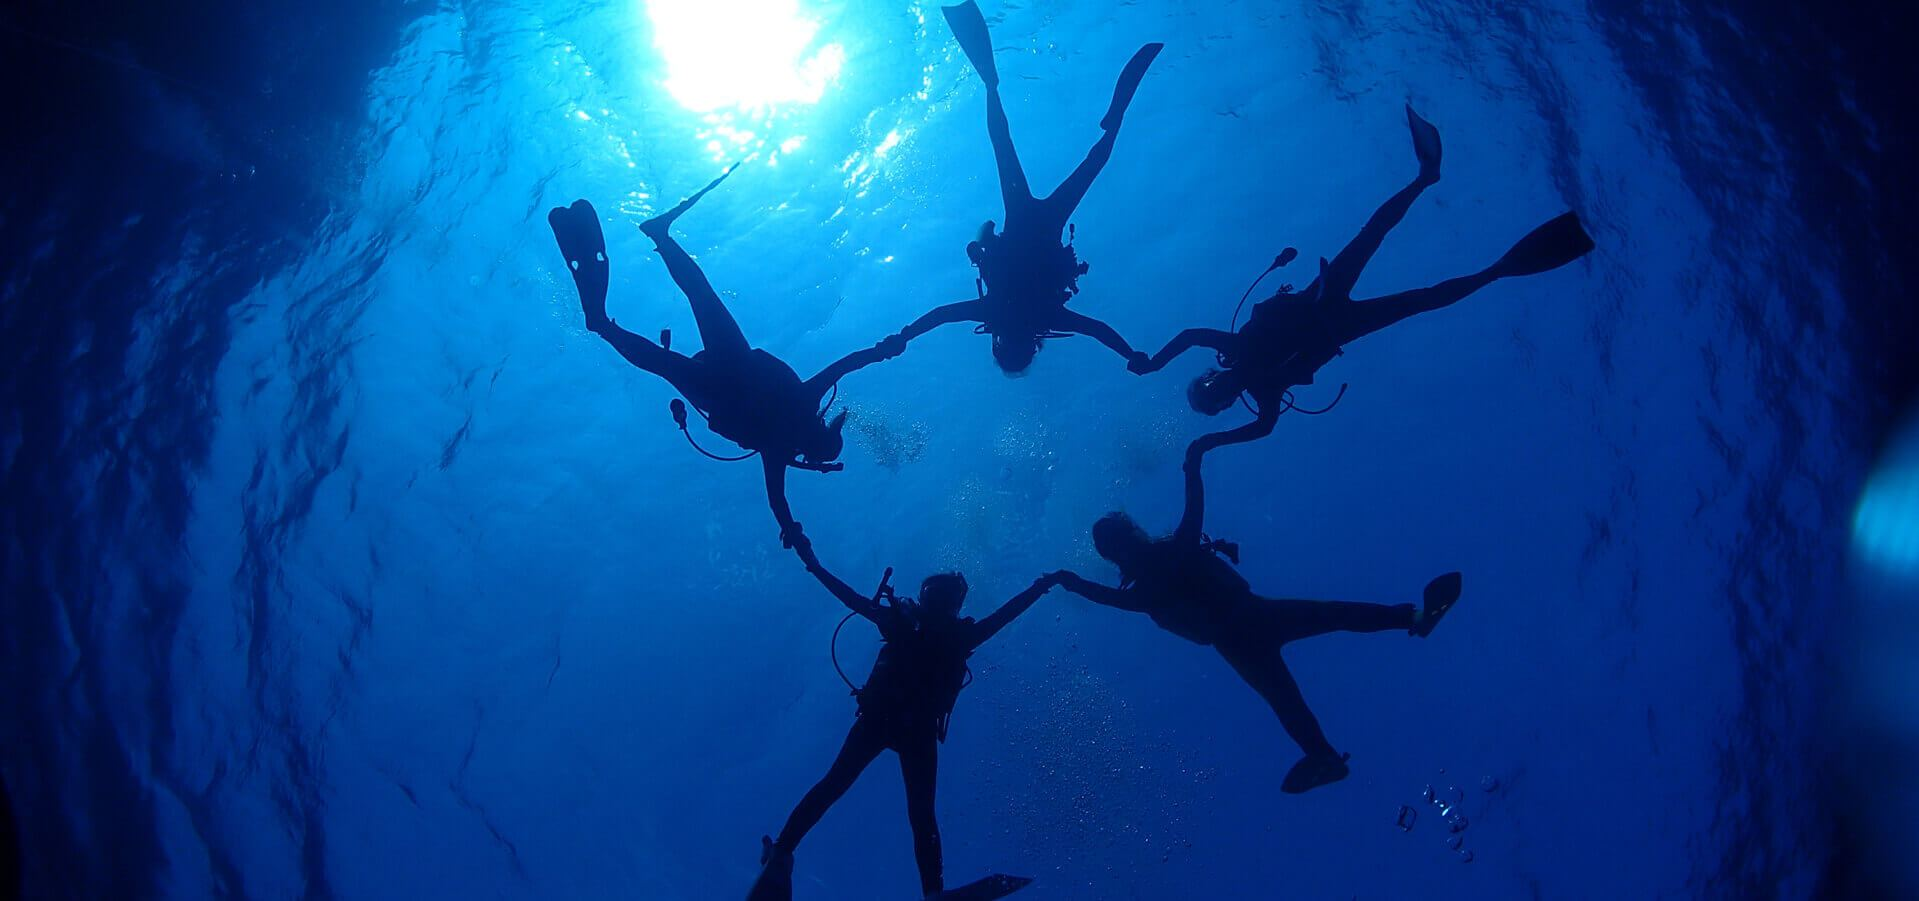 グループや団体様のダイビングも歓迎です。